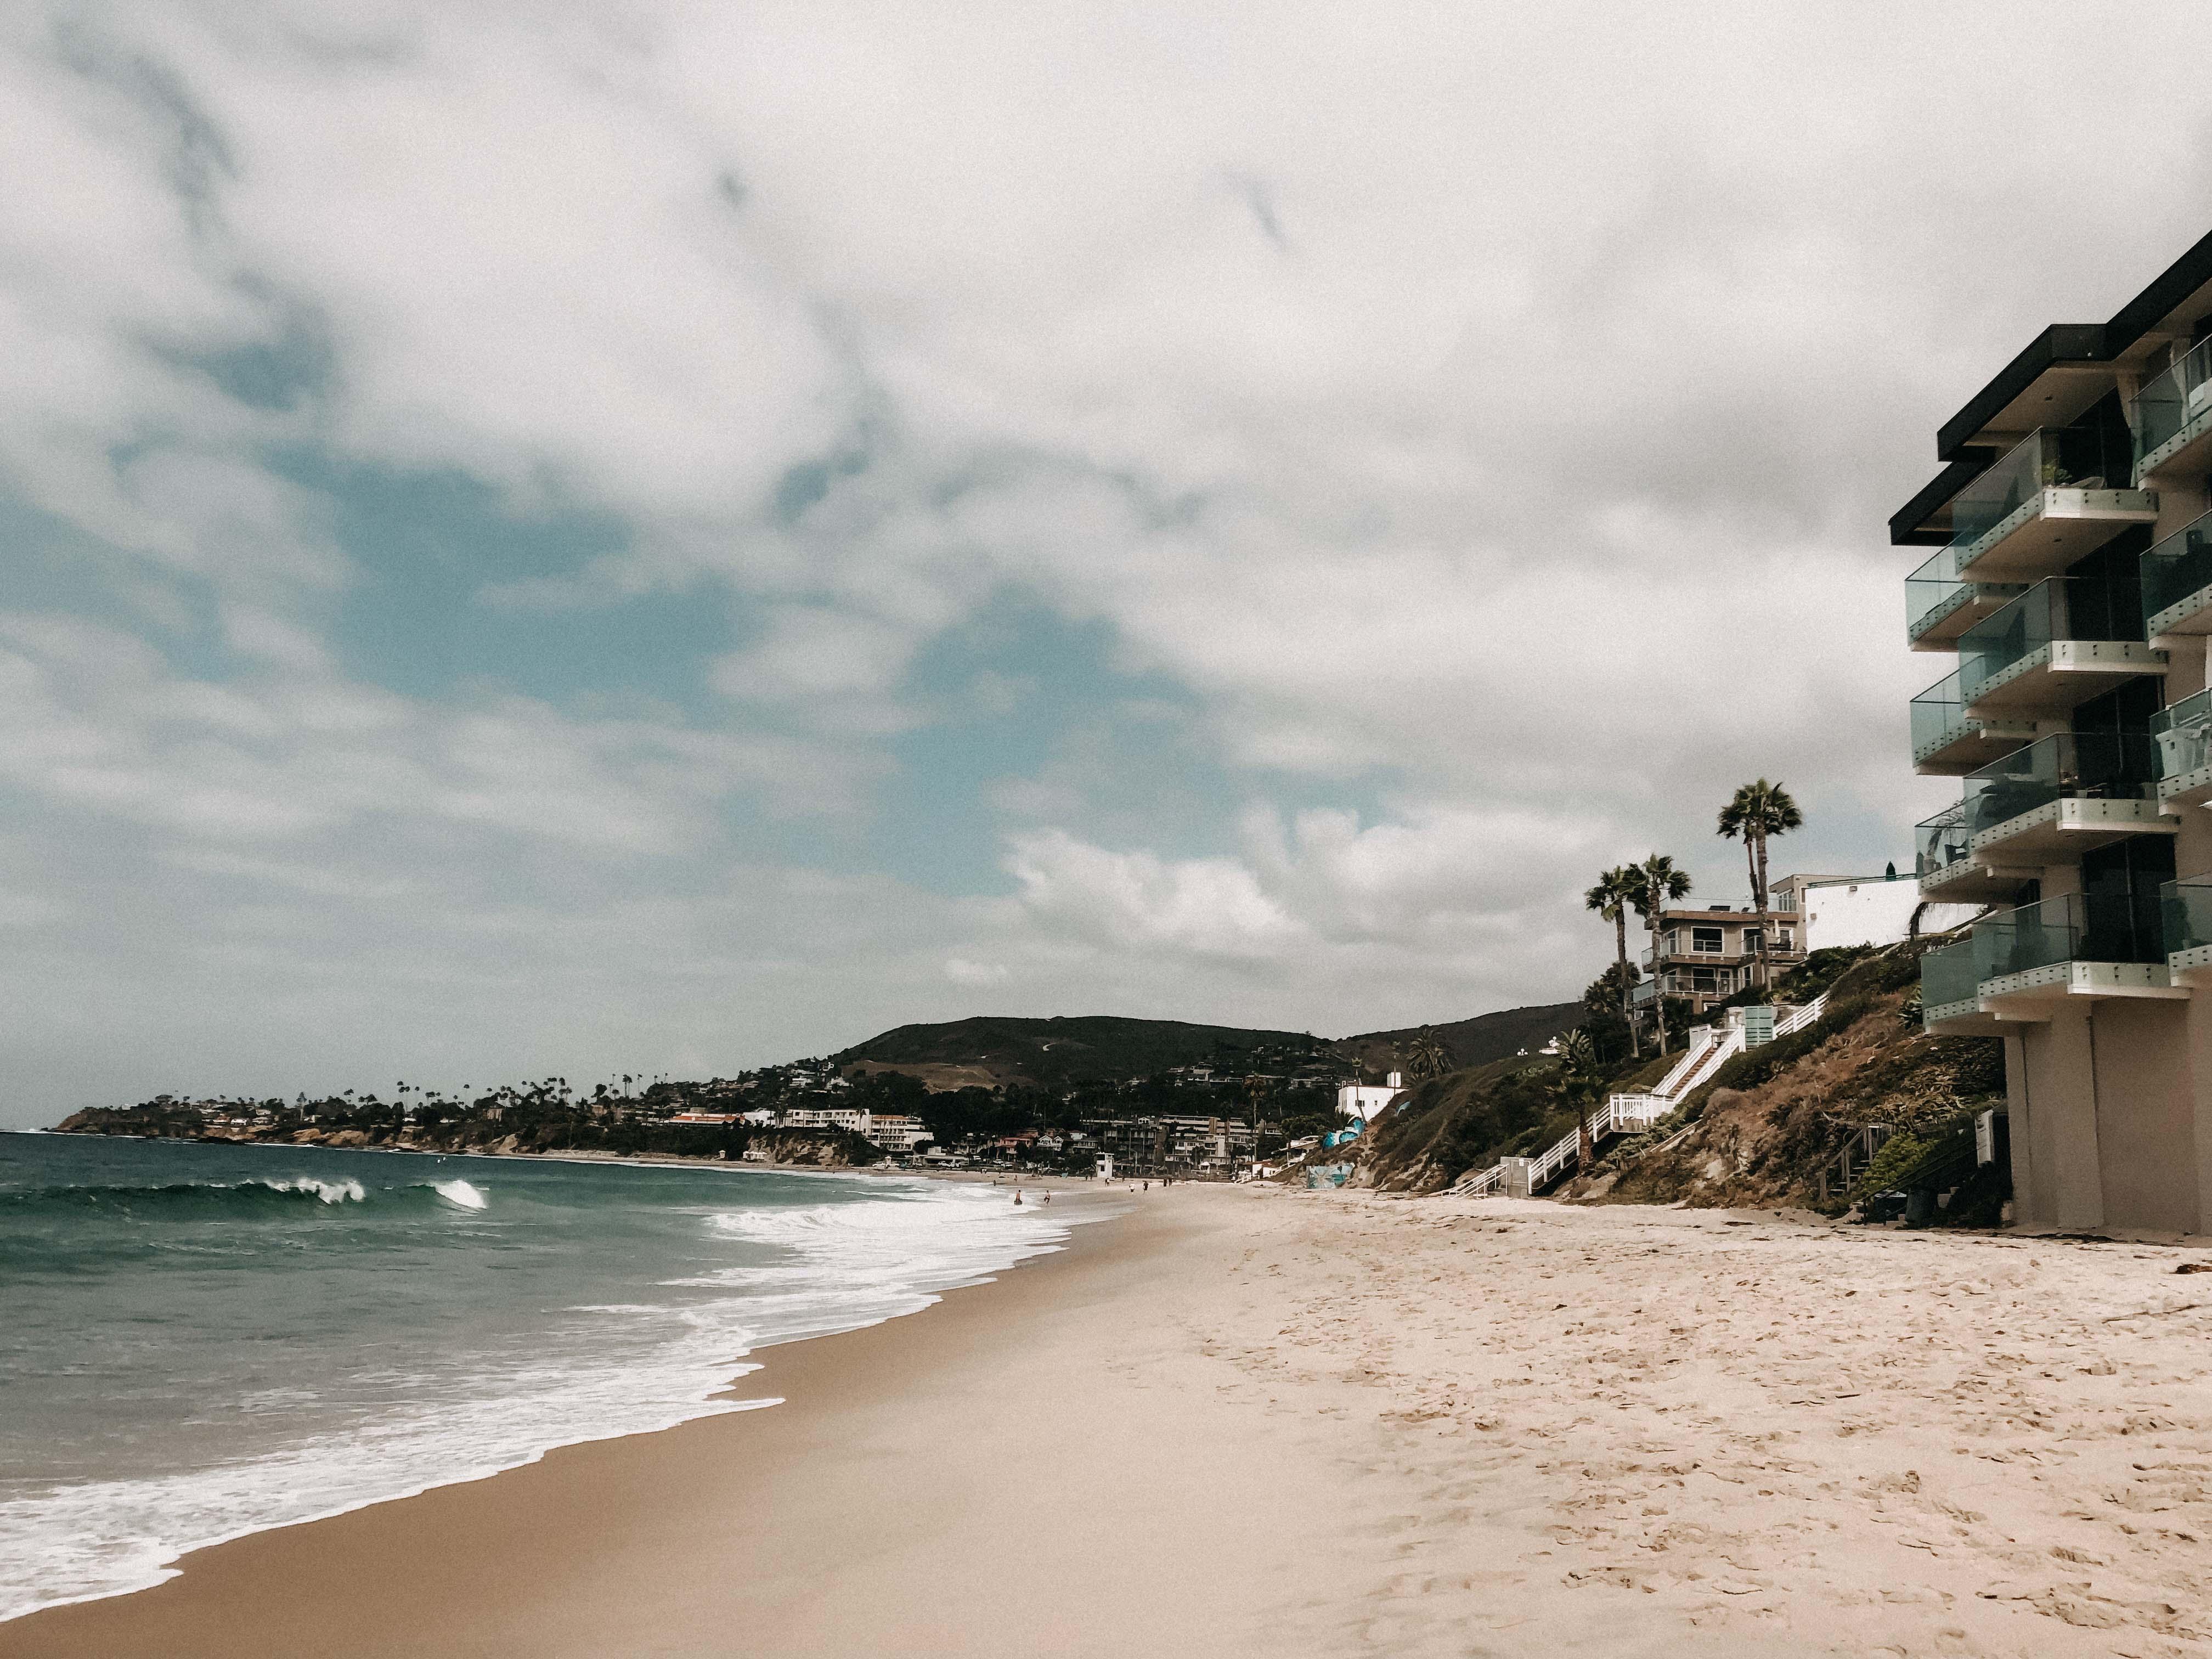 Top Insider Tipps Los Angeles Laguna Beach Traumstrände LA beste Strände Tipp bester Strand USA Amerika 2